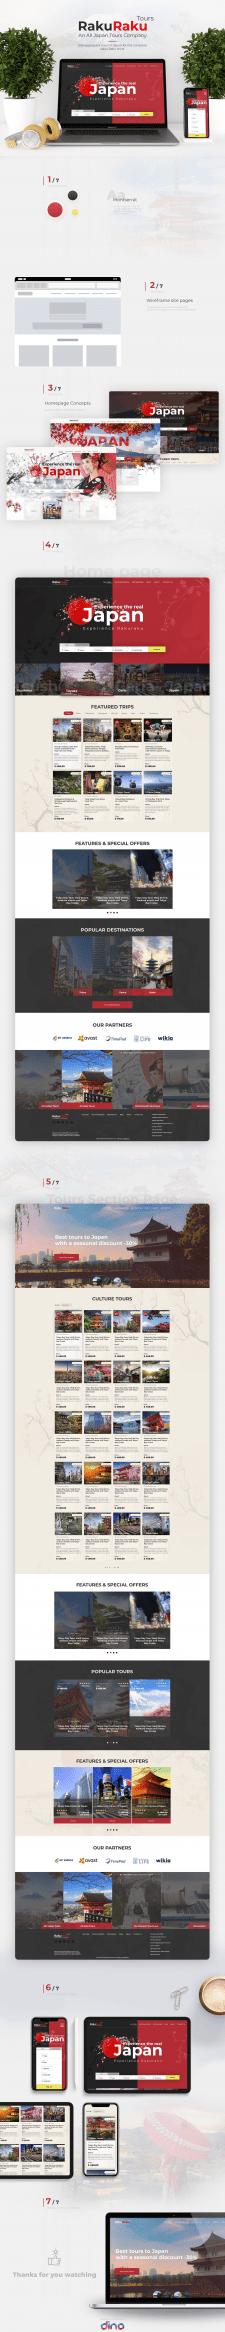 Дизайн сервиса - туры в Японии